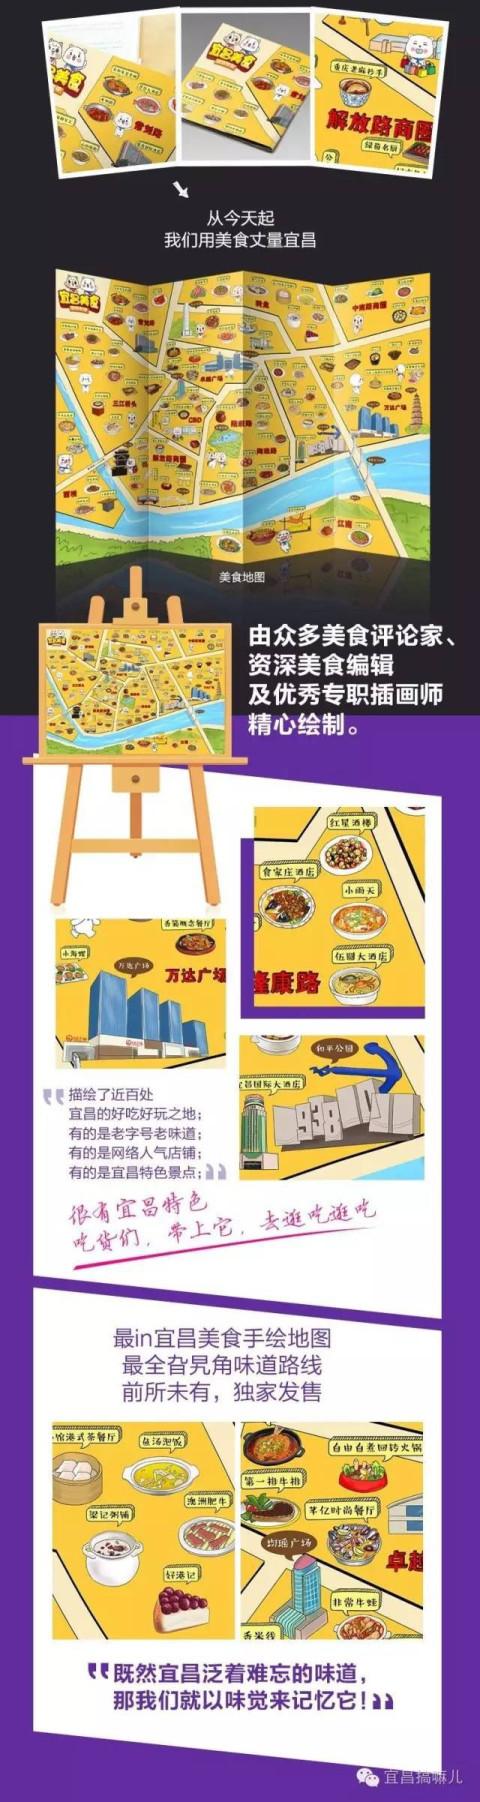 宜昌首个手绘美食地图, 按图寻美食, 赶紧来领取!